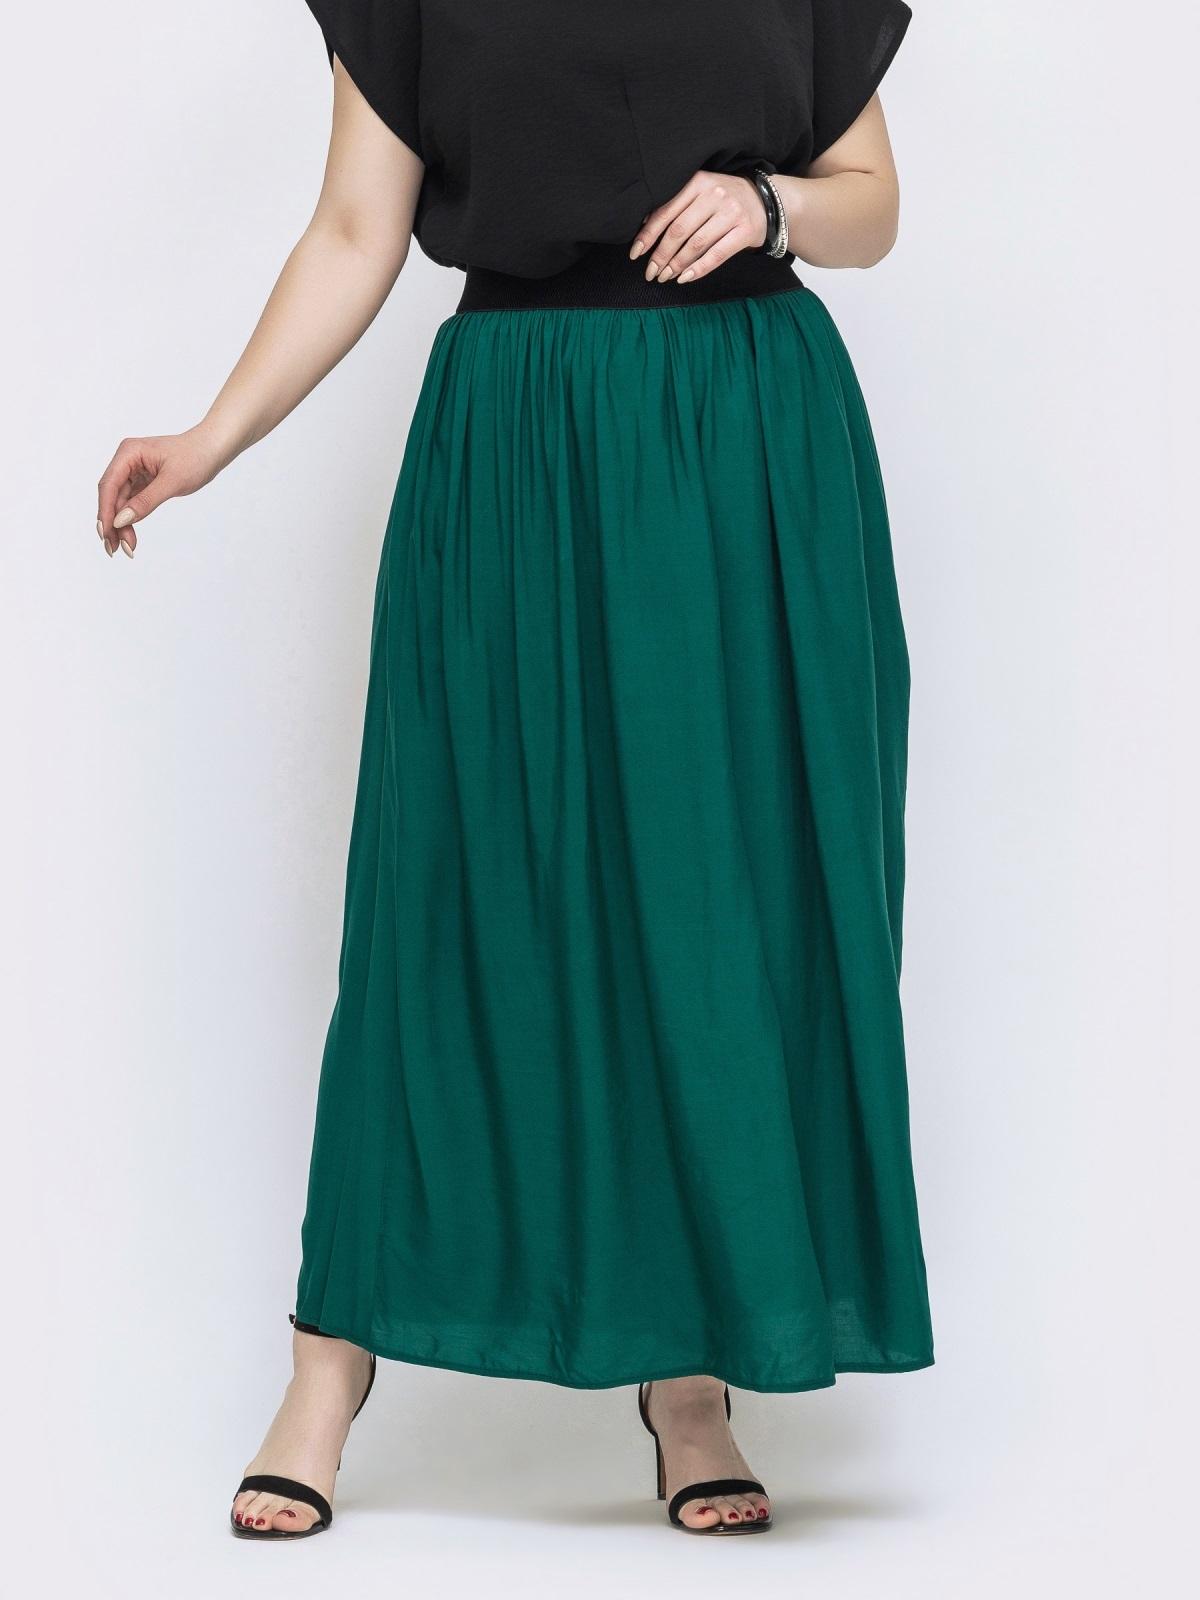 Расклешённая юбка-макси большого размера зеленая 46012, фото 1